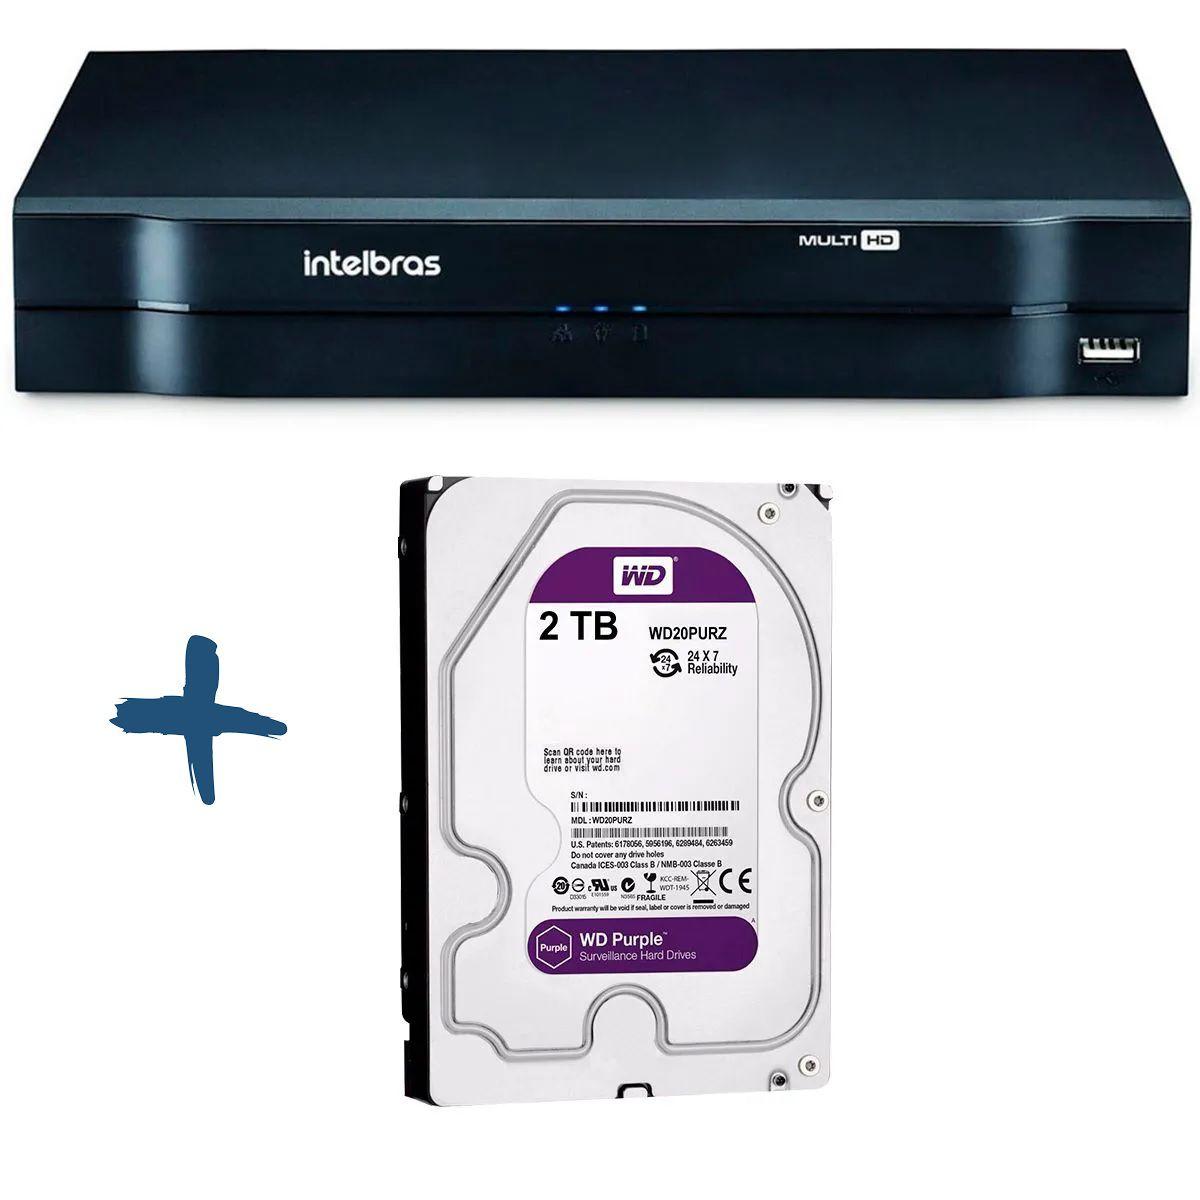 DVR Stand Alone Multi HD Intelbras MHDX-1116 16 Canais + HD 2TB WD Purple de CFTV